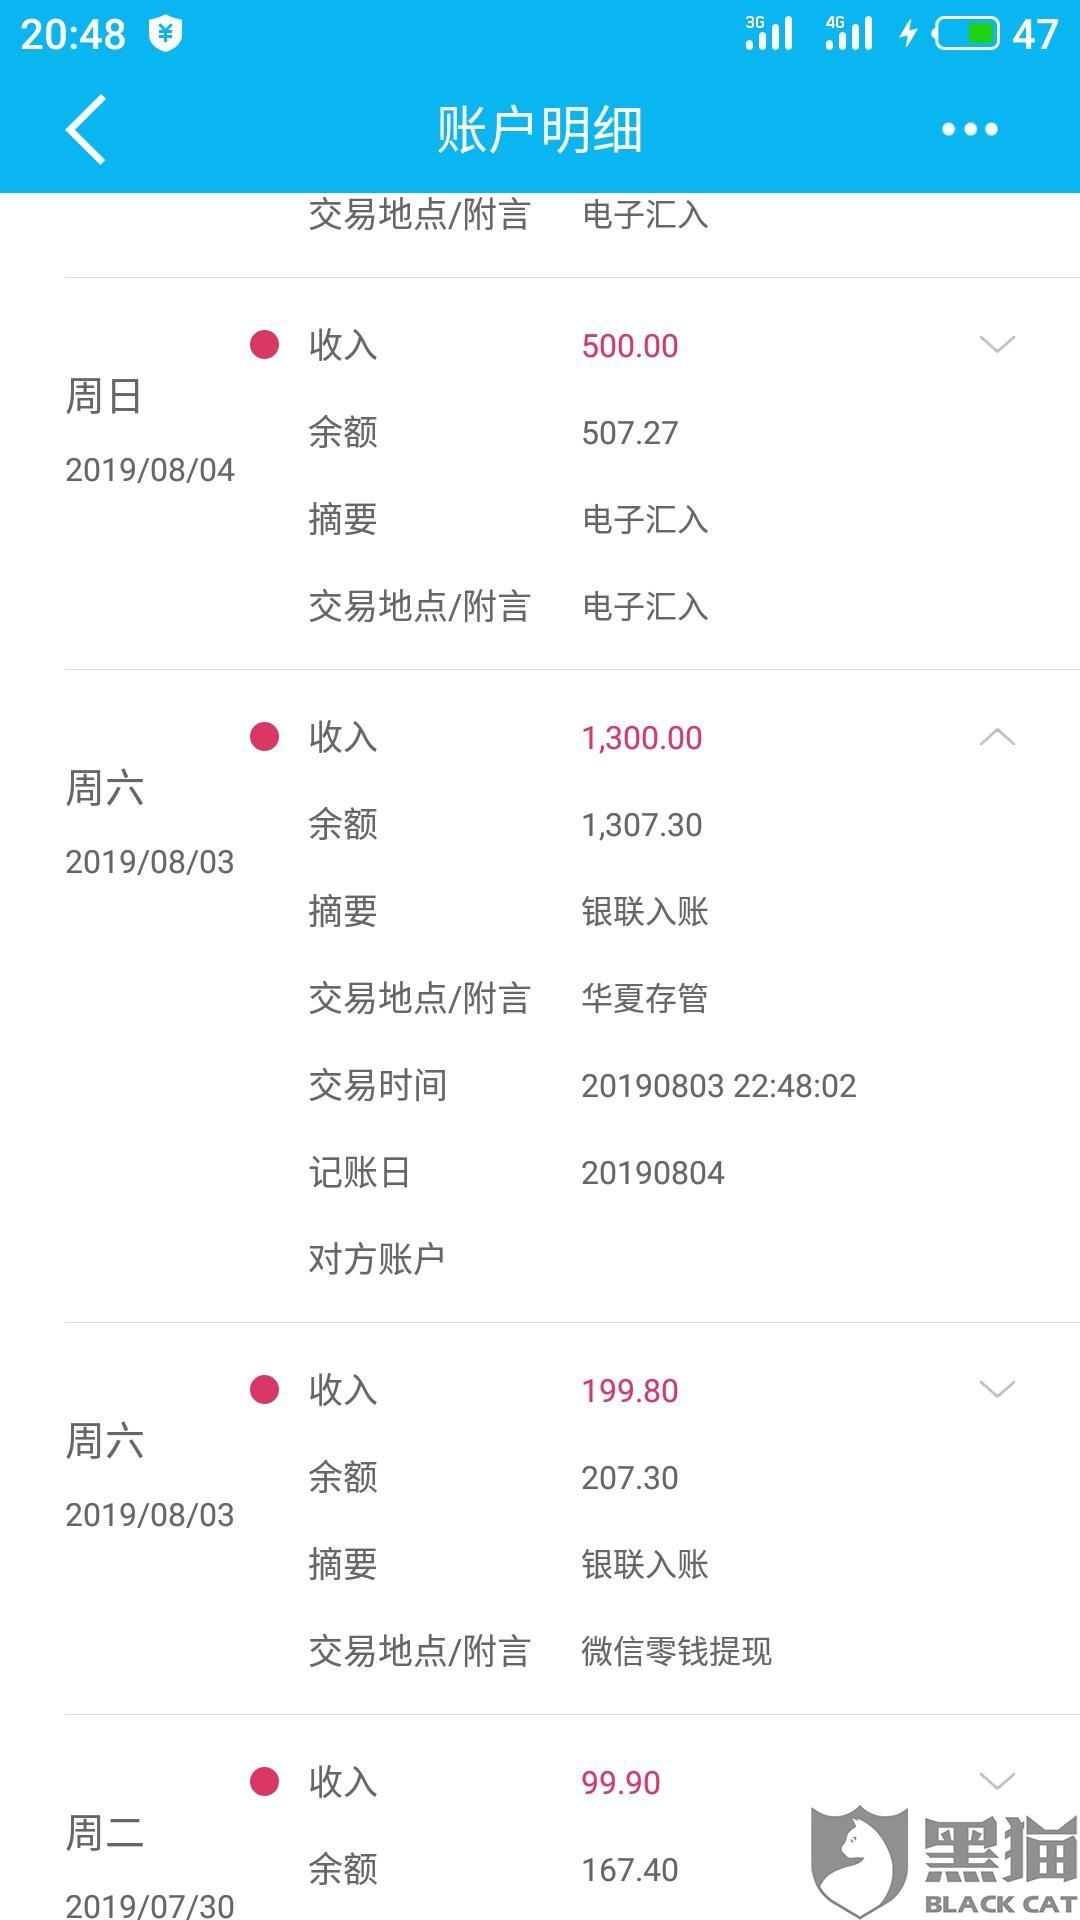 黑猫投诉:华夏银行存管支付打入我建设银行卡现金少975元